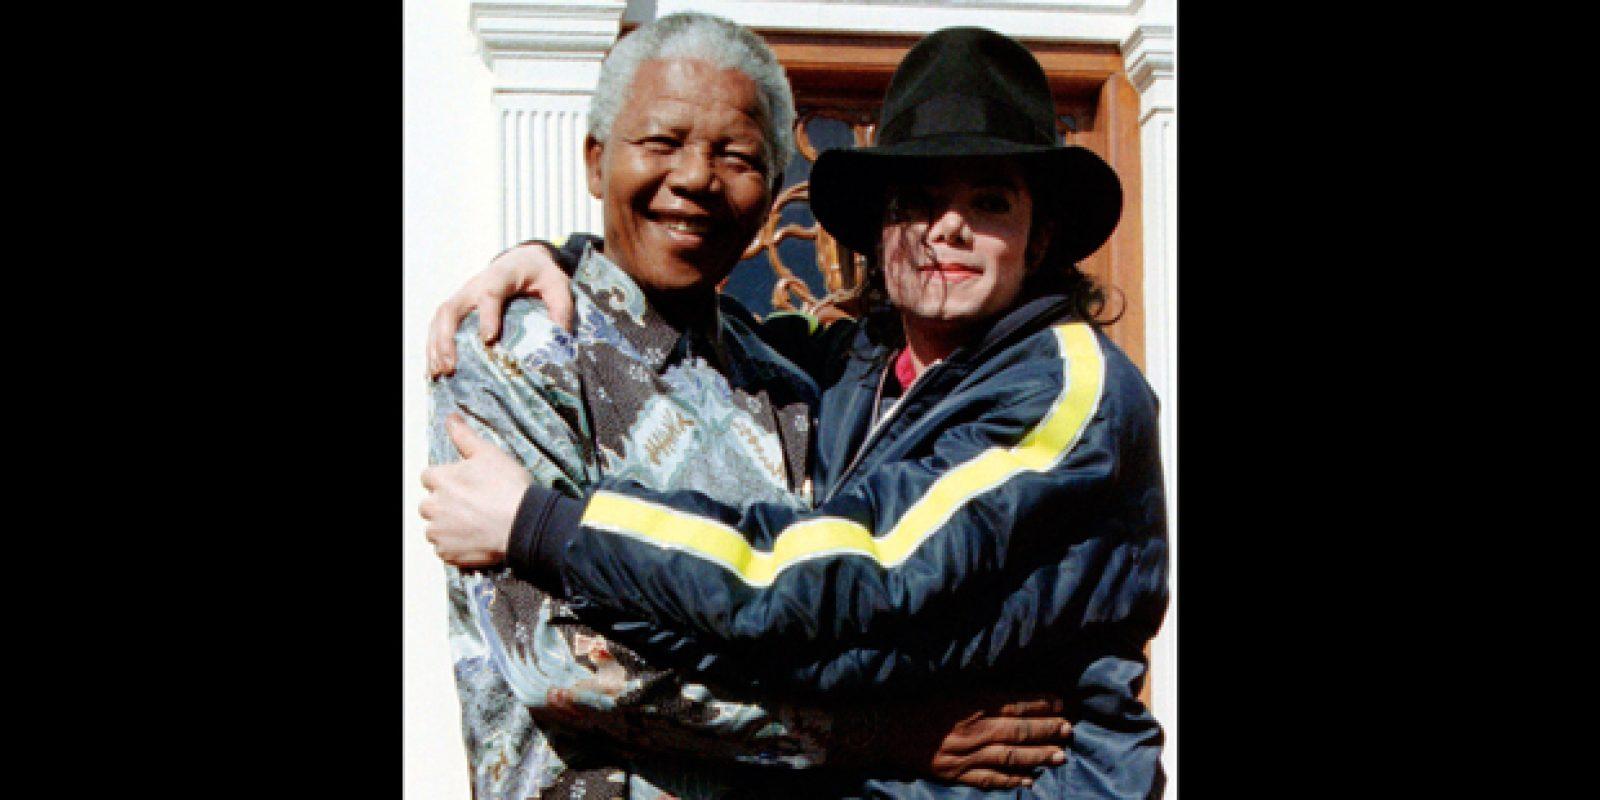 Em registro de 1996, o então presidente sul-africano Nelson Mandela abraça o cantor pop Michael Jackson (1958-2009) após encontro na Cidade do Cabo | Patrick de Noirmont/Reuters